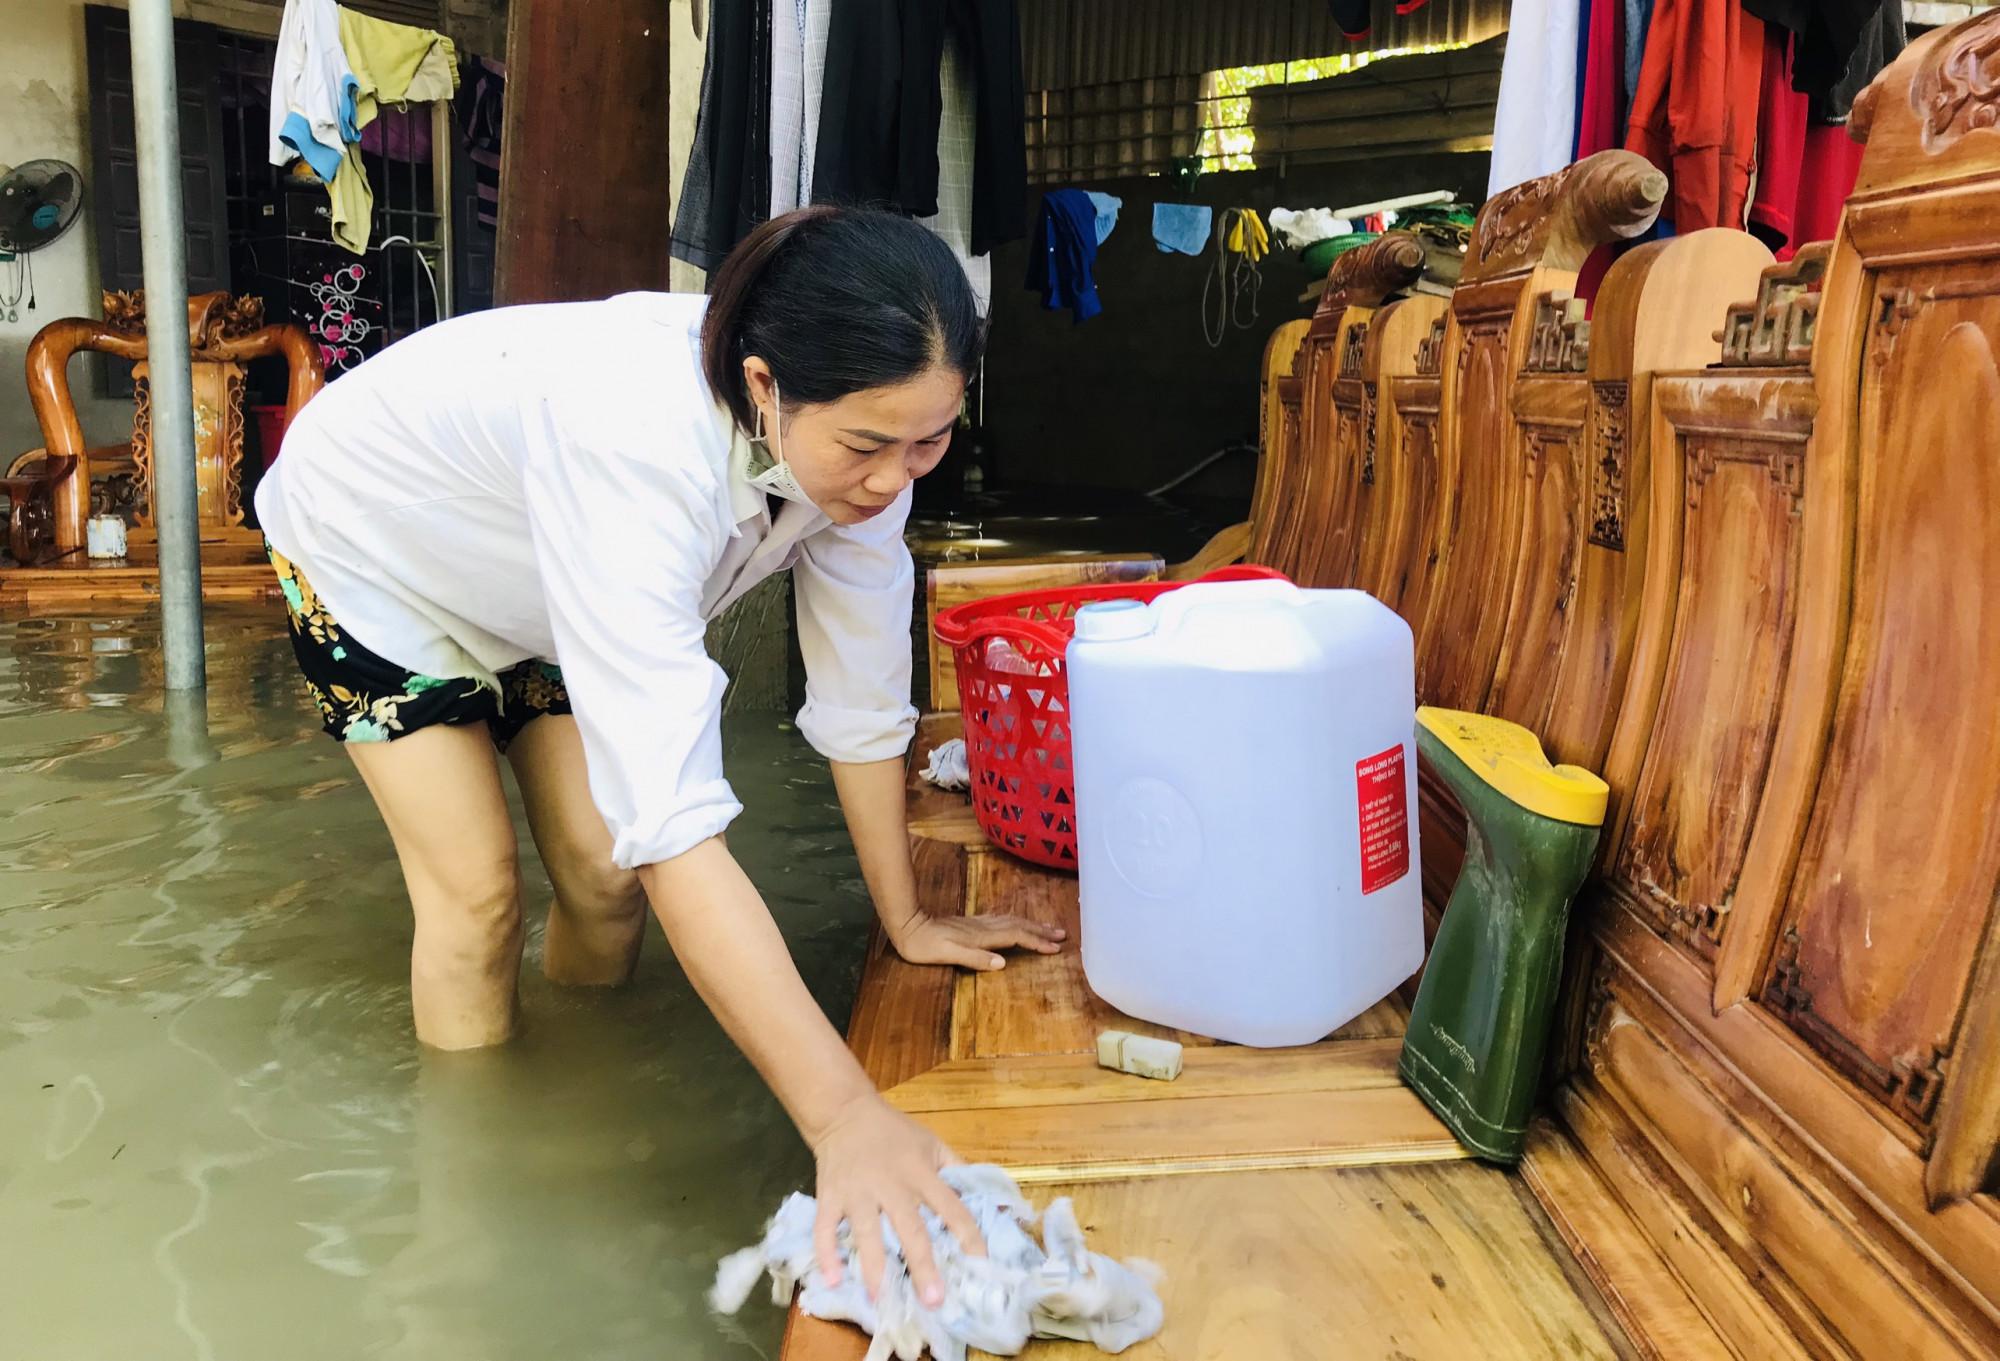 Lũ bắt đầu rút ra khỏi nhà, nhiều người dân xã Quỳnh Hồng (huyện Quỳnh Lưu) tranh thủ tận dụng dòng nước lũ để vệ sinh, lau chùi bùn đất bám trên đồ dùng.